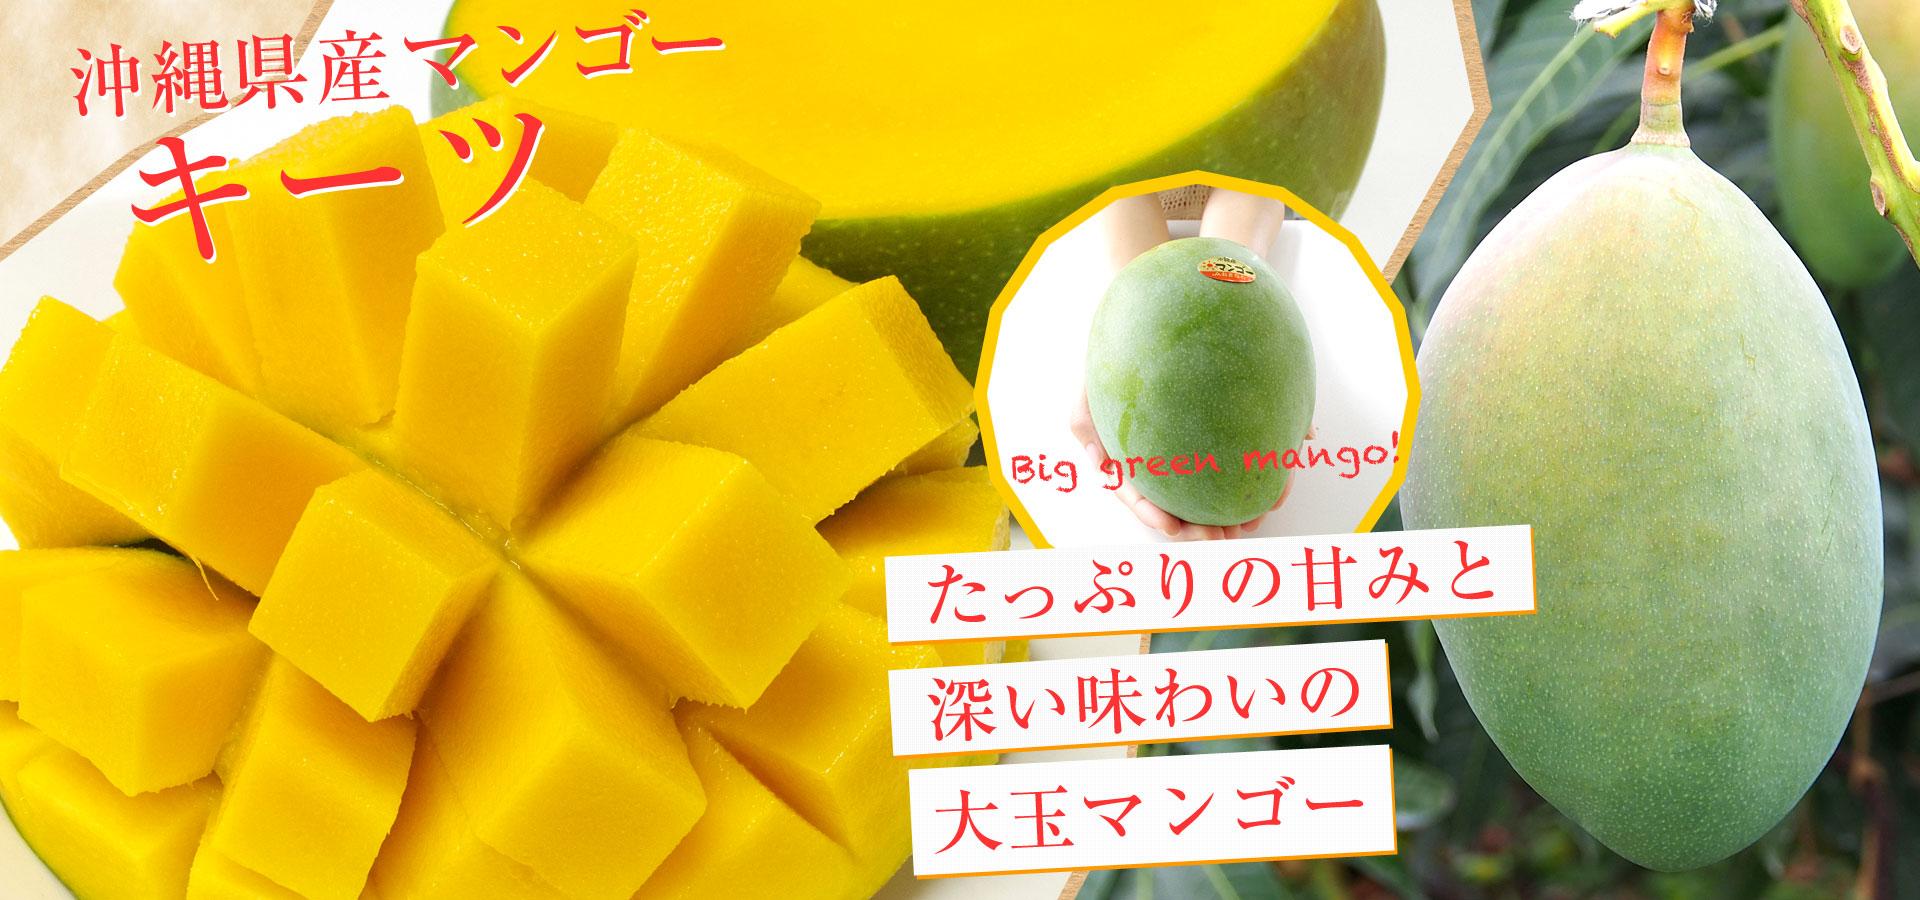 沖縄キーツマンゴー